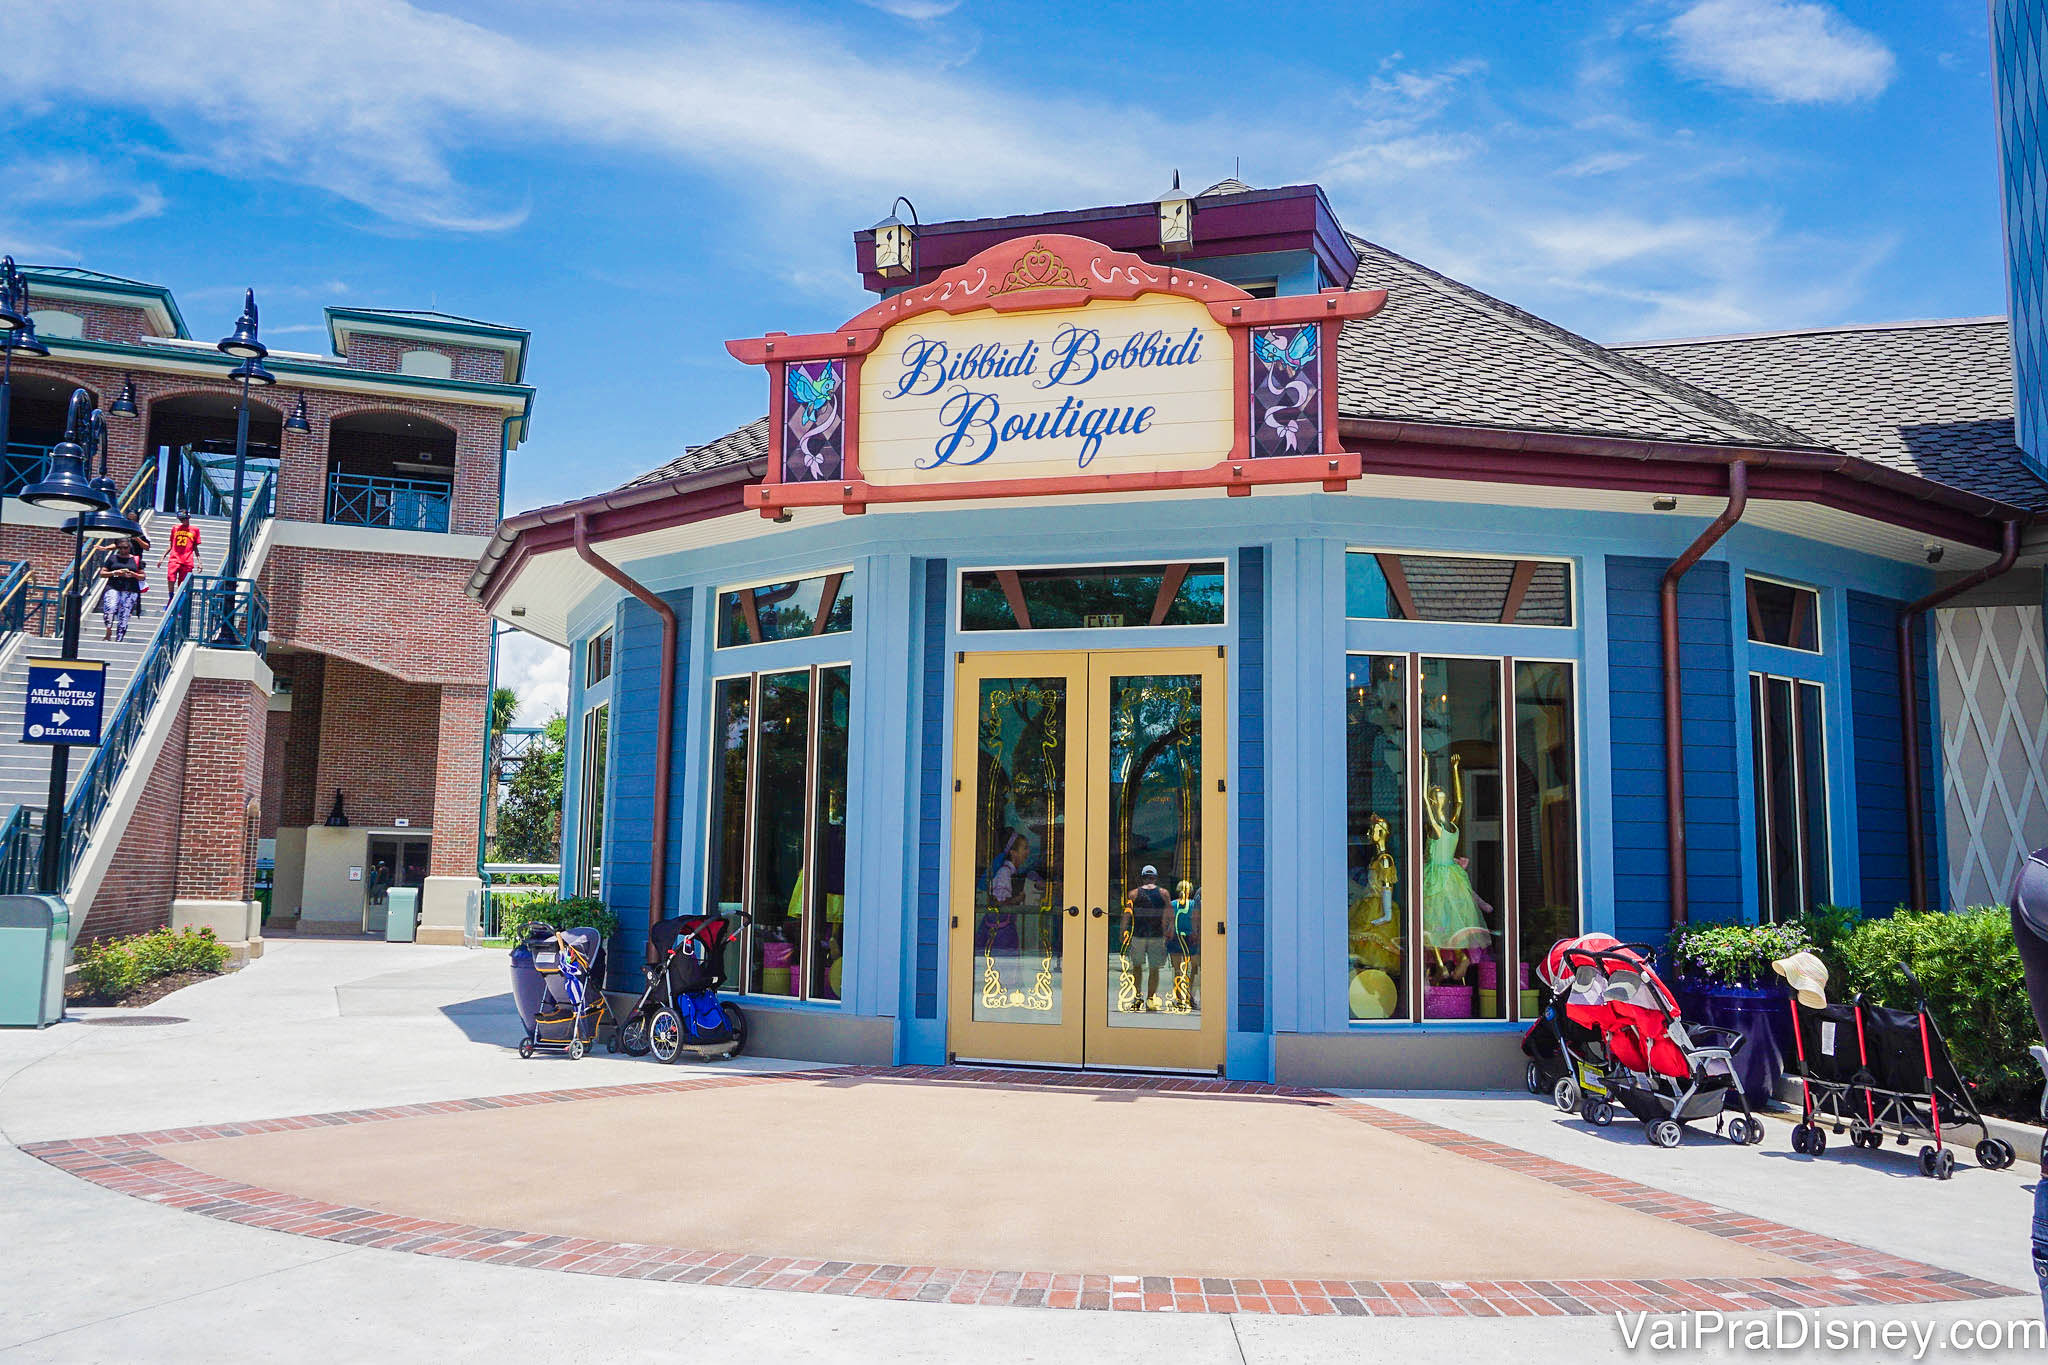 Foto da unidade de Disney Springs do Bibbidi Bobbidi Boutique. A loja é pintada de azul e as portas são amarelas.